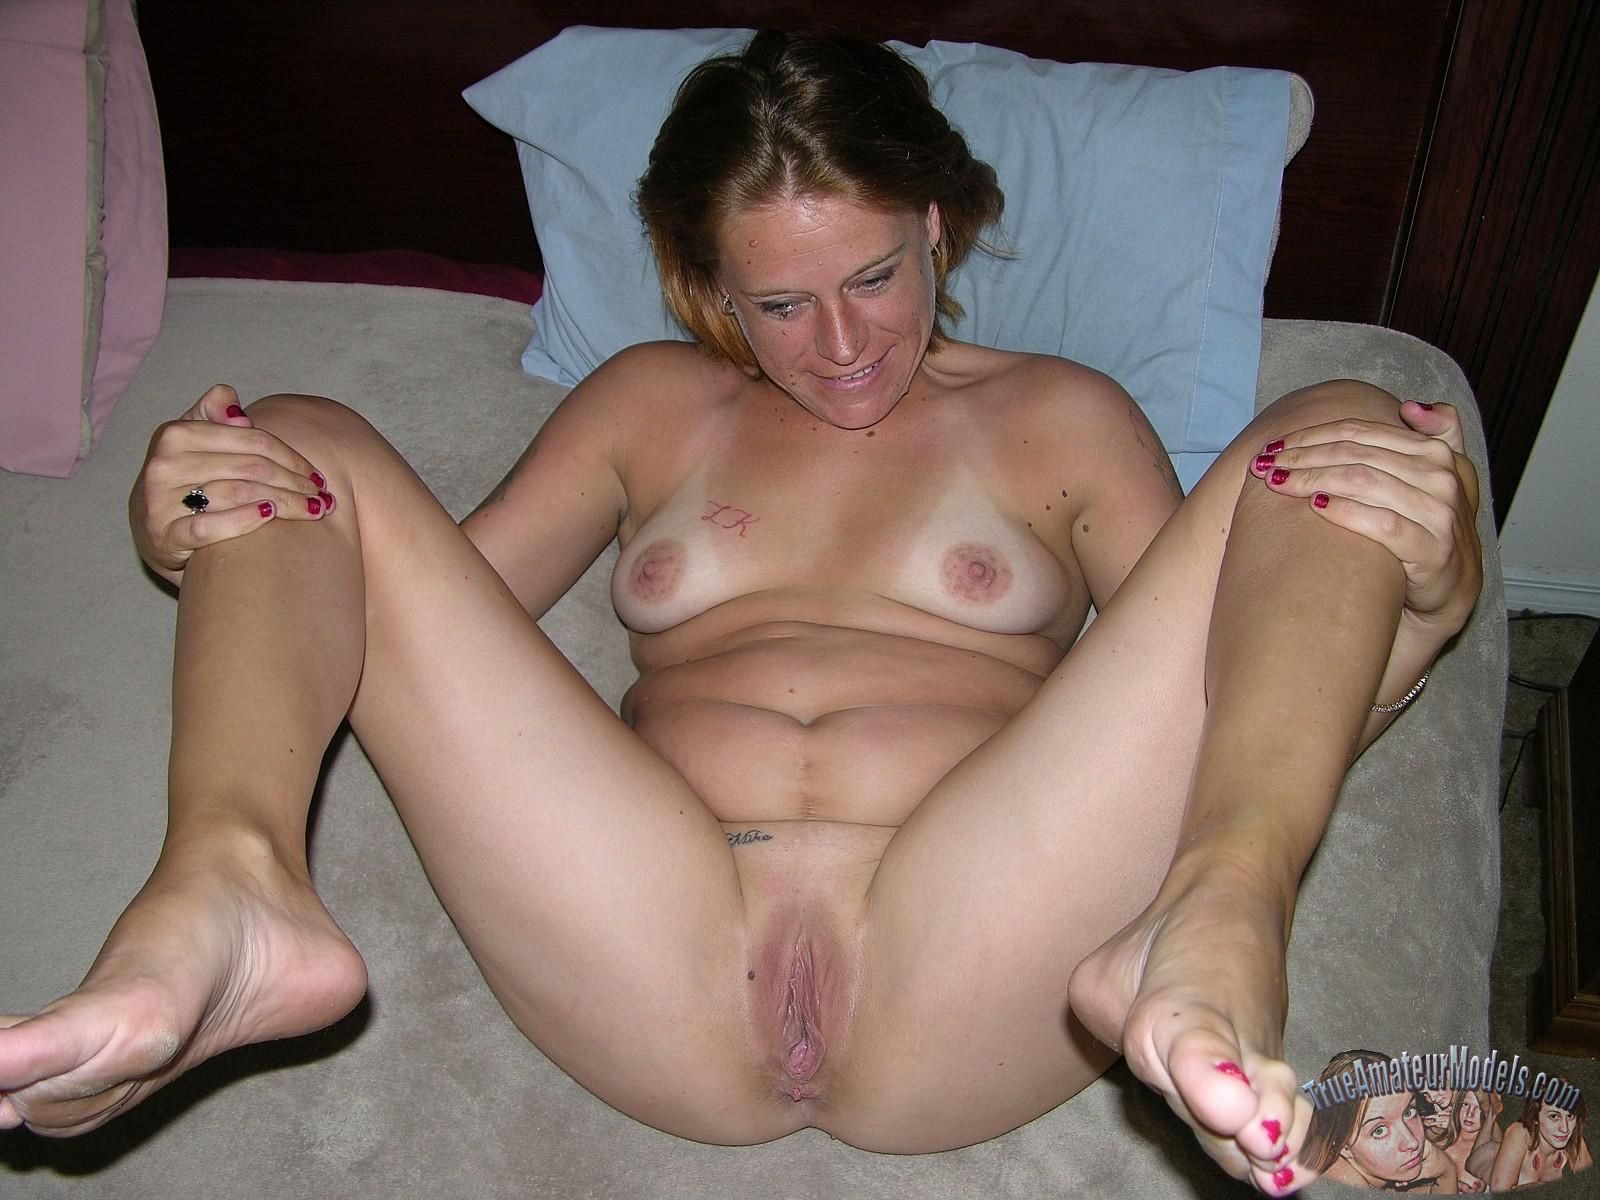 Real Mom in bikini pics